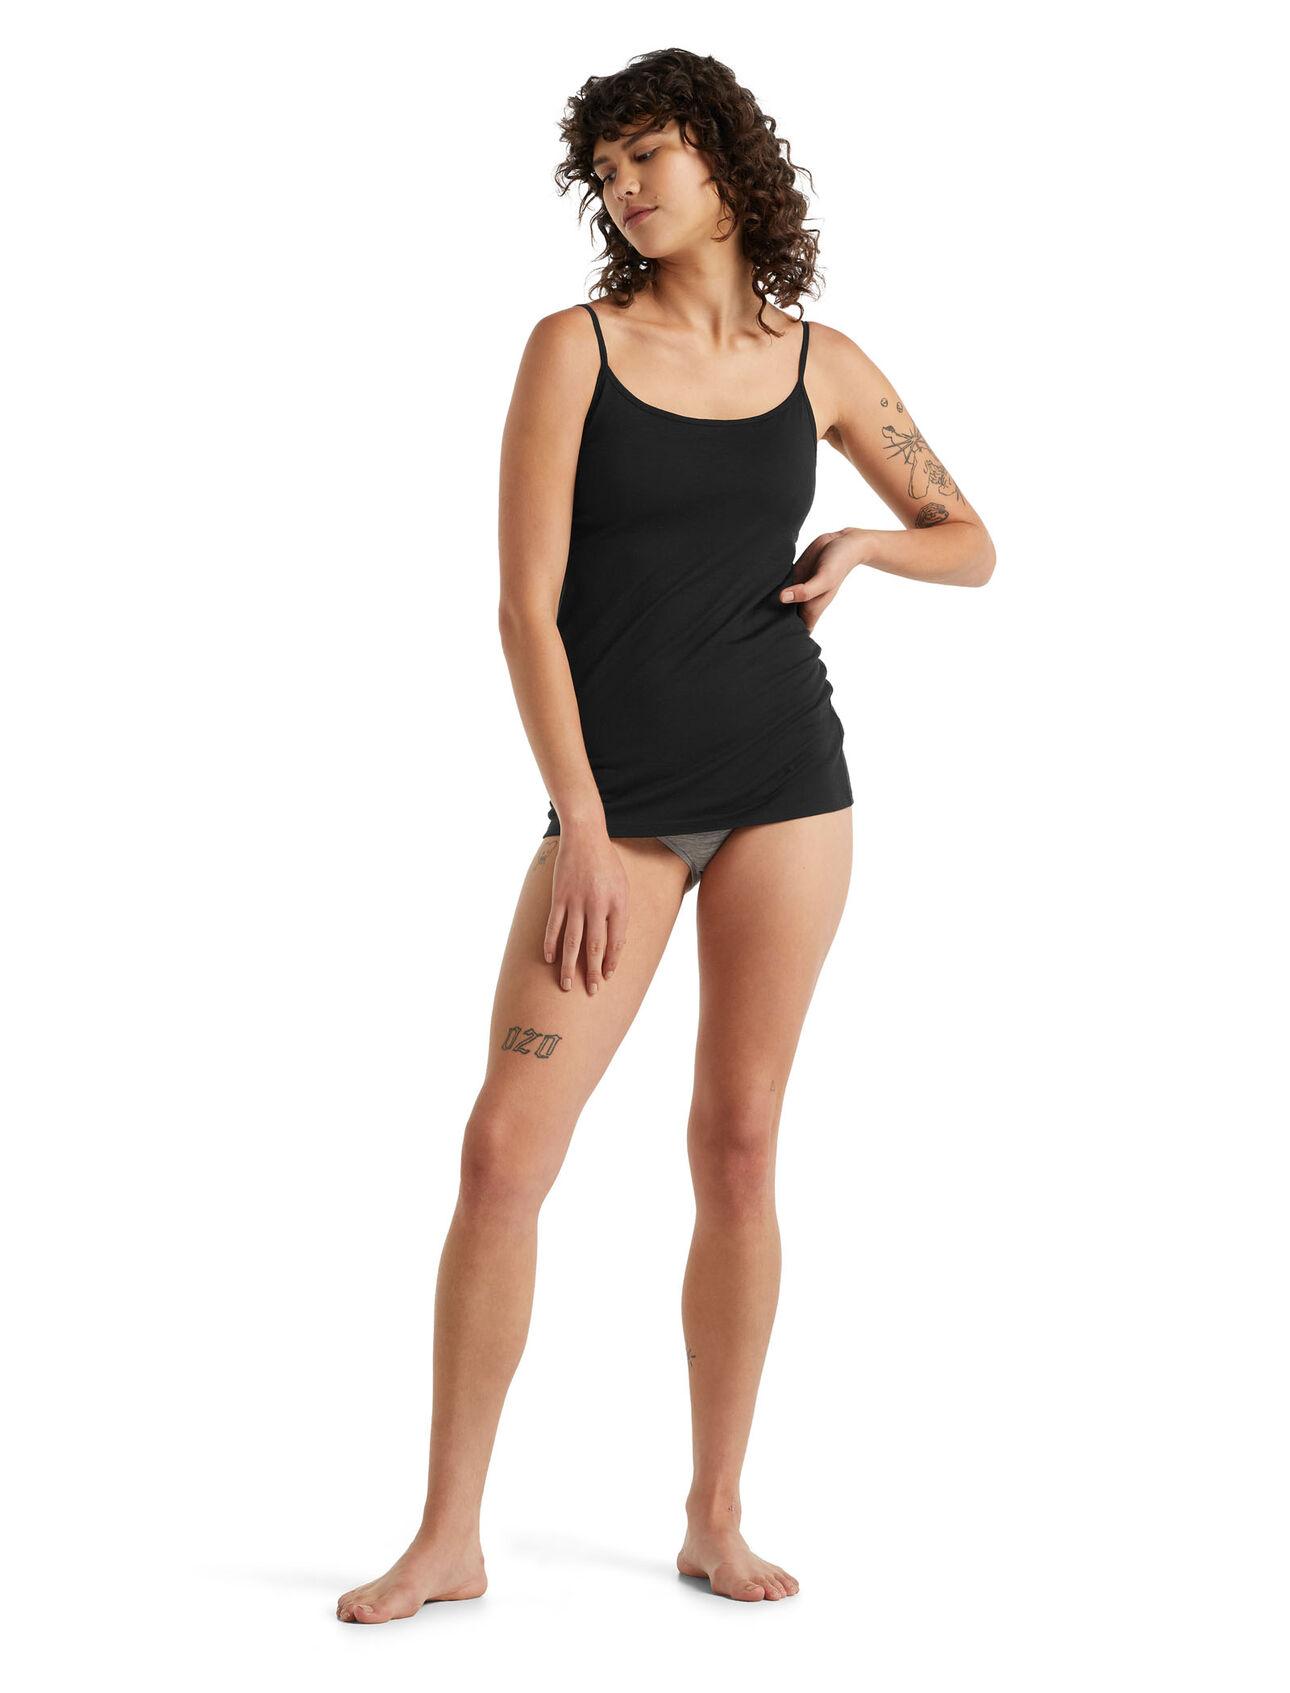 Débardeur à bretelles avec soutien-gorge intégré et culotte Siren Femme